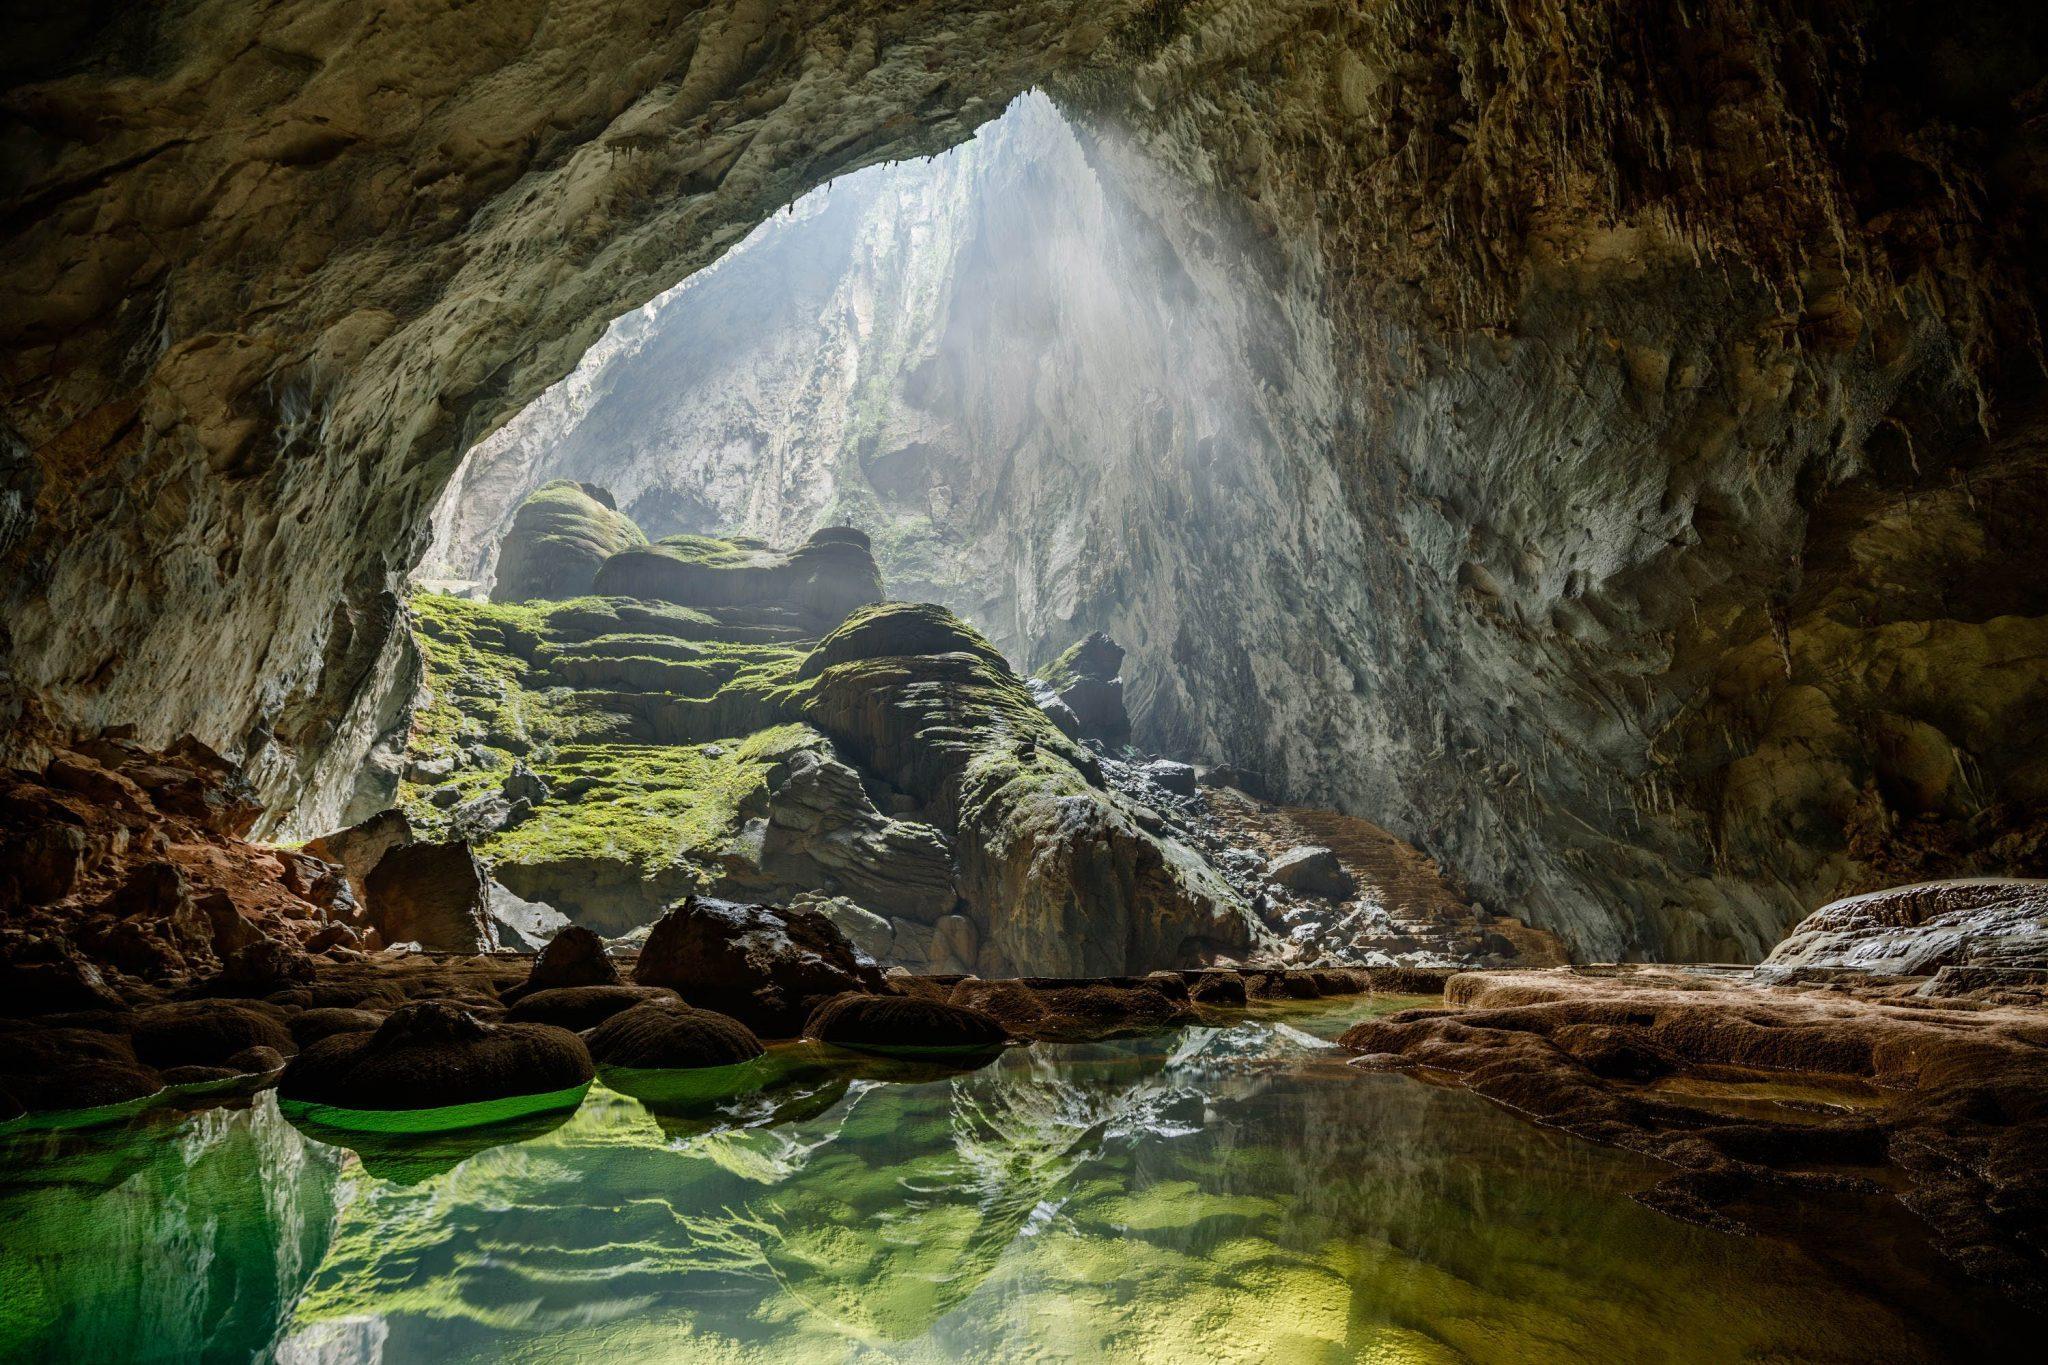 Το πλωτό υπόγειο ποτάμι στις Φιλιππίνες στα υπόγεια αξιοθέατα